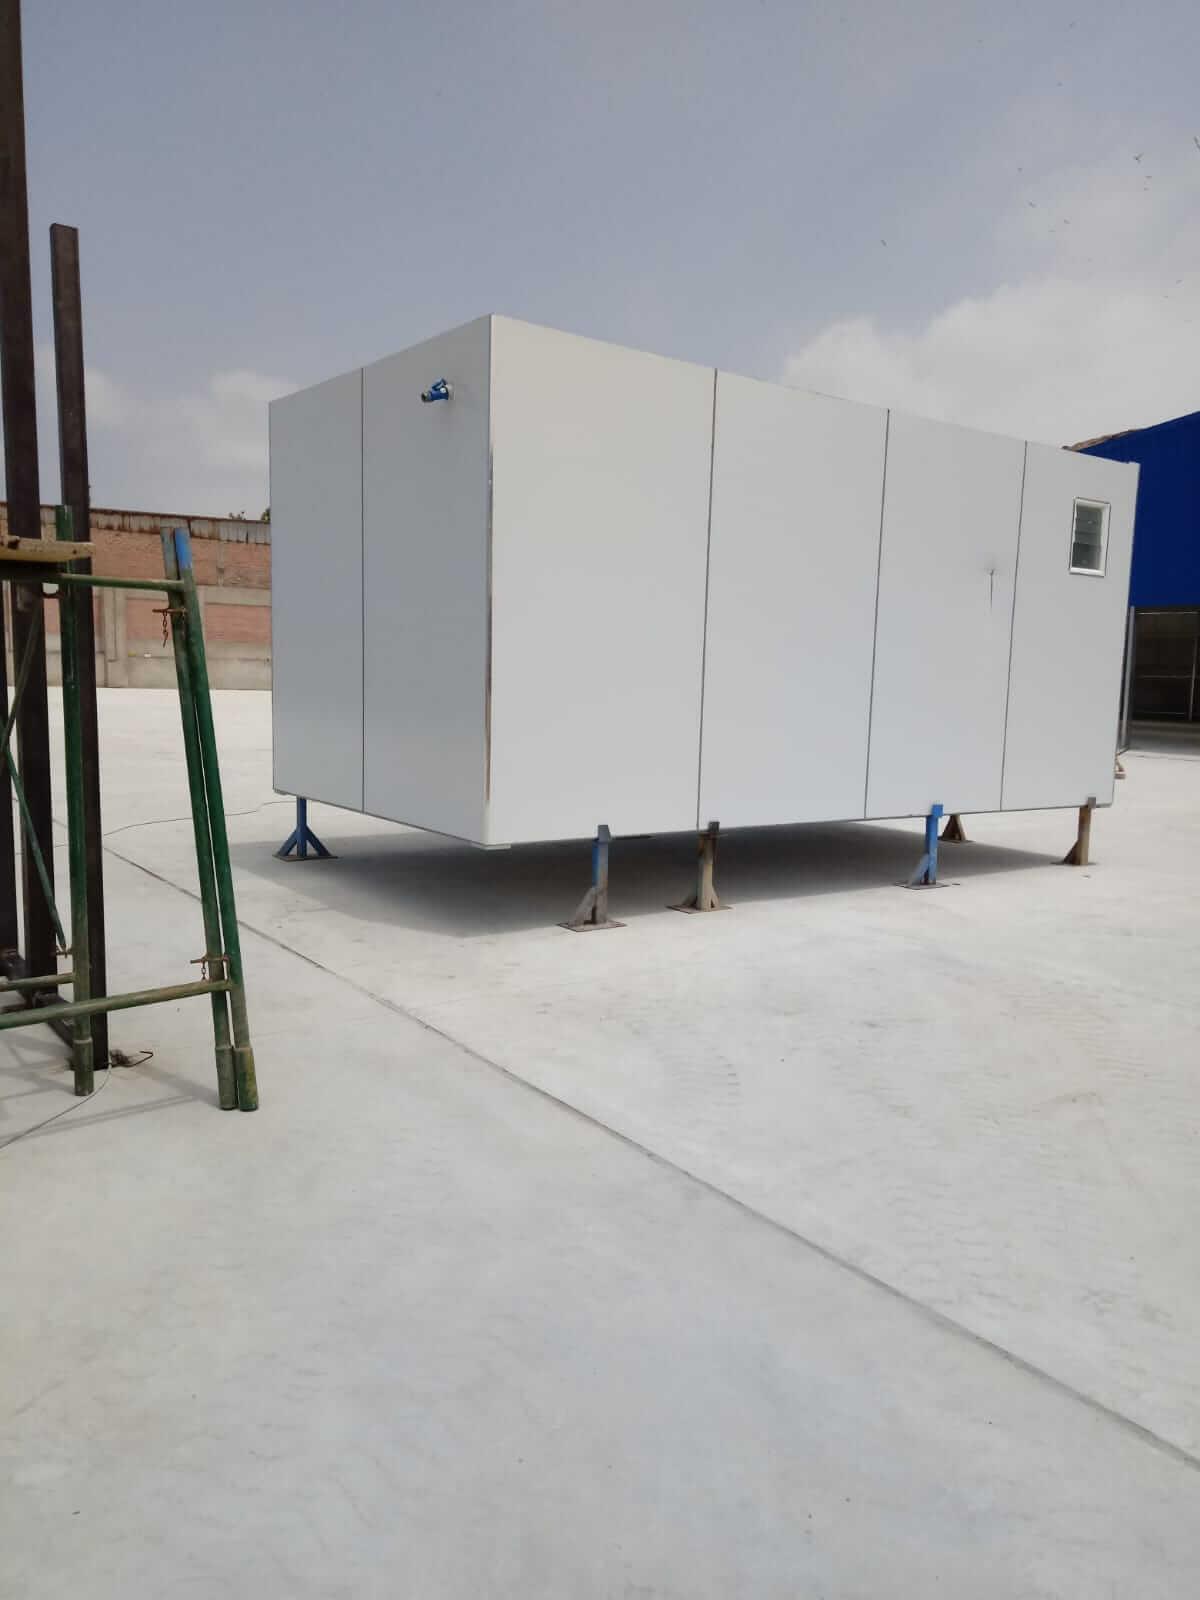 Industrial-Syntheon Modular-Almacenes del Sur 11